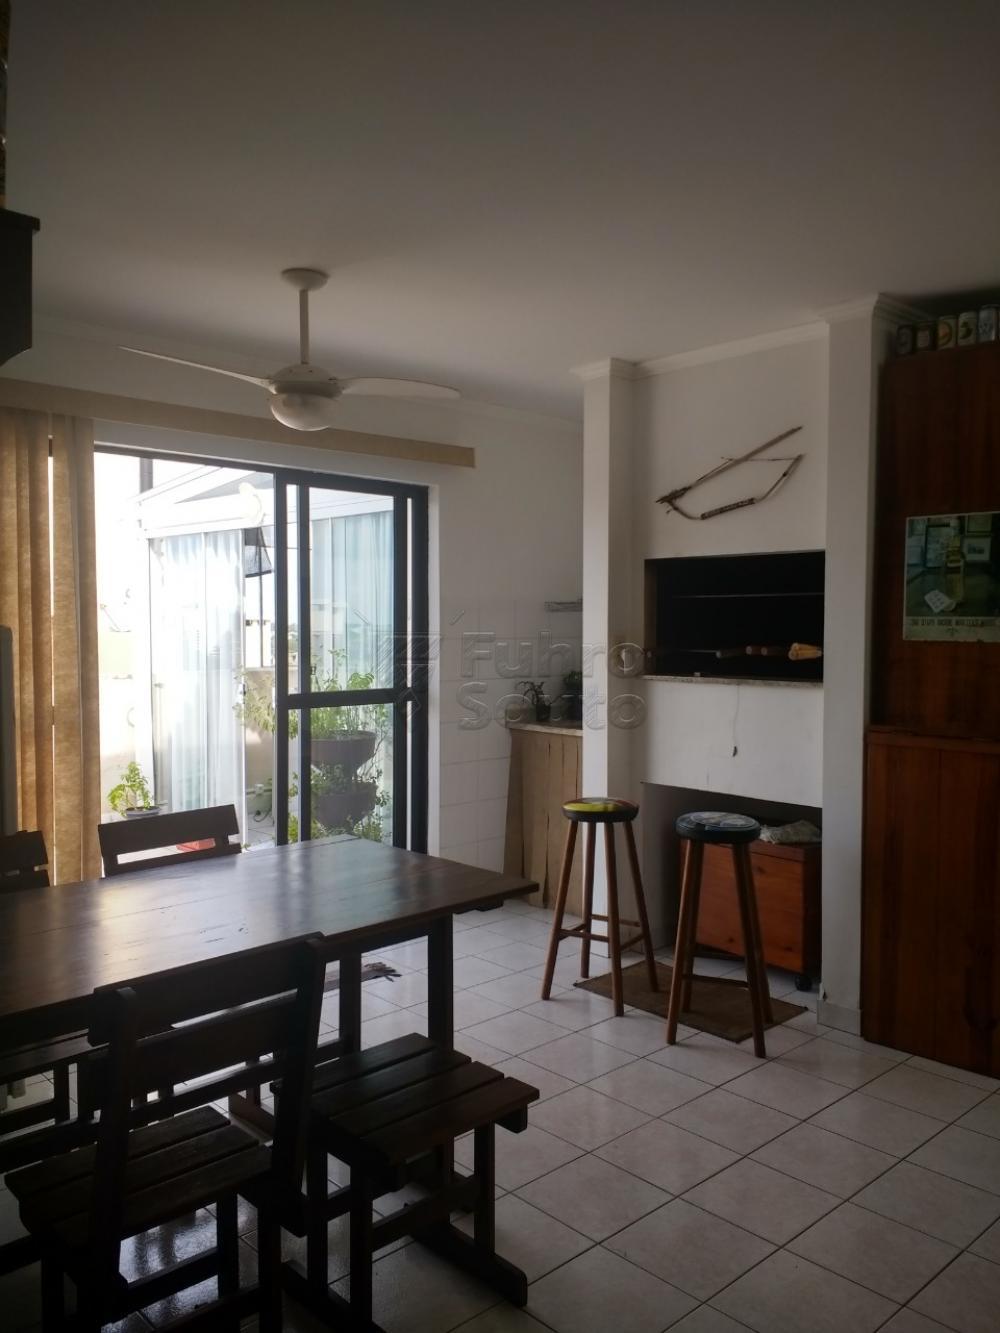 Comprar Apartamento / Cobertura em Pelotas R$ 750.000,00 - Foto 10